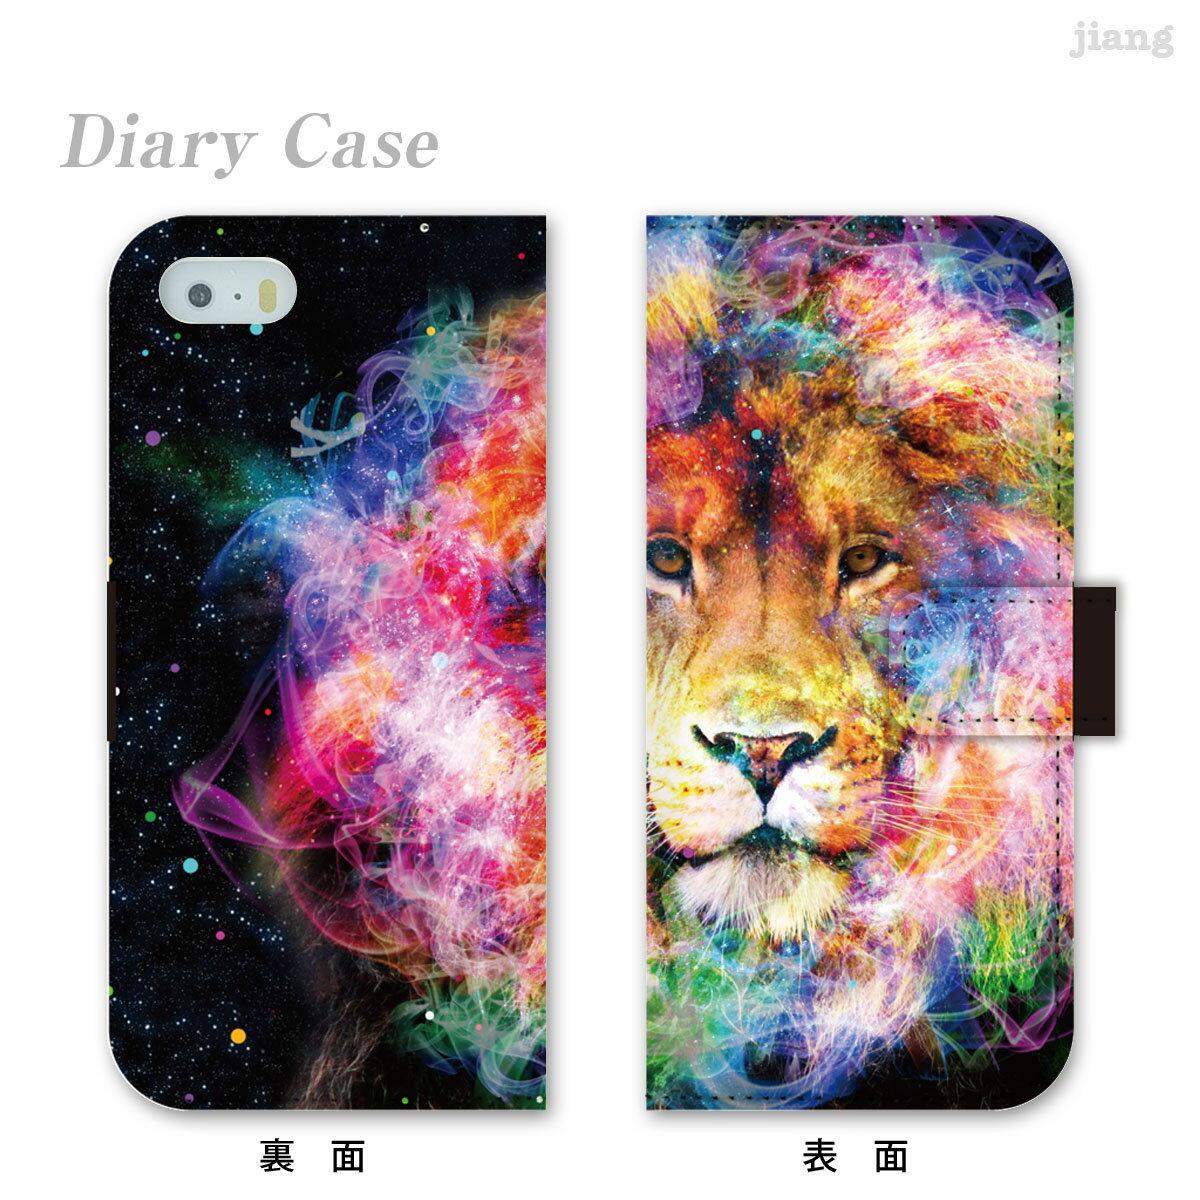 スマホケース 手帳型 全機種対応 手帳 ケース カバー iPhoneX iPhone8 ケース iPhone7ケース iPhone7 iPhone6s Plus iPhone SE Xperia XZ2 SO-03K SO-05K XZ1 SO-01K XZ SO-04J XZs aquos R2 sh-04k R sh-03k arrows galaxy S9 S8 Space Lion 84-ip5-ds0003